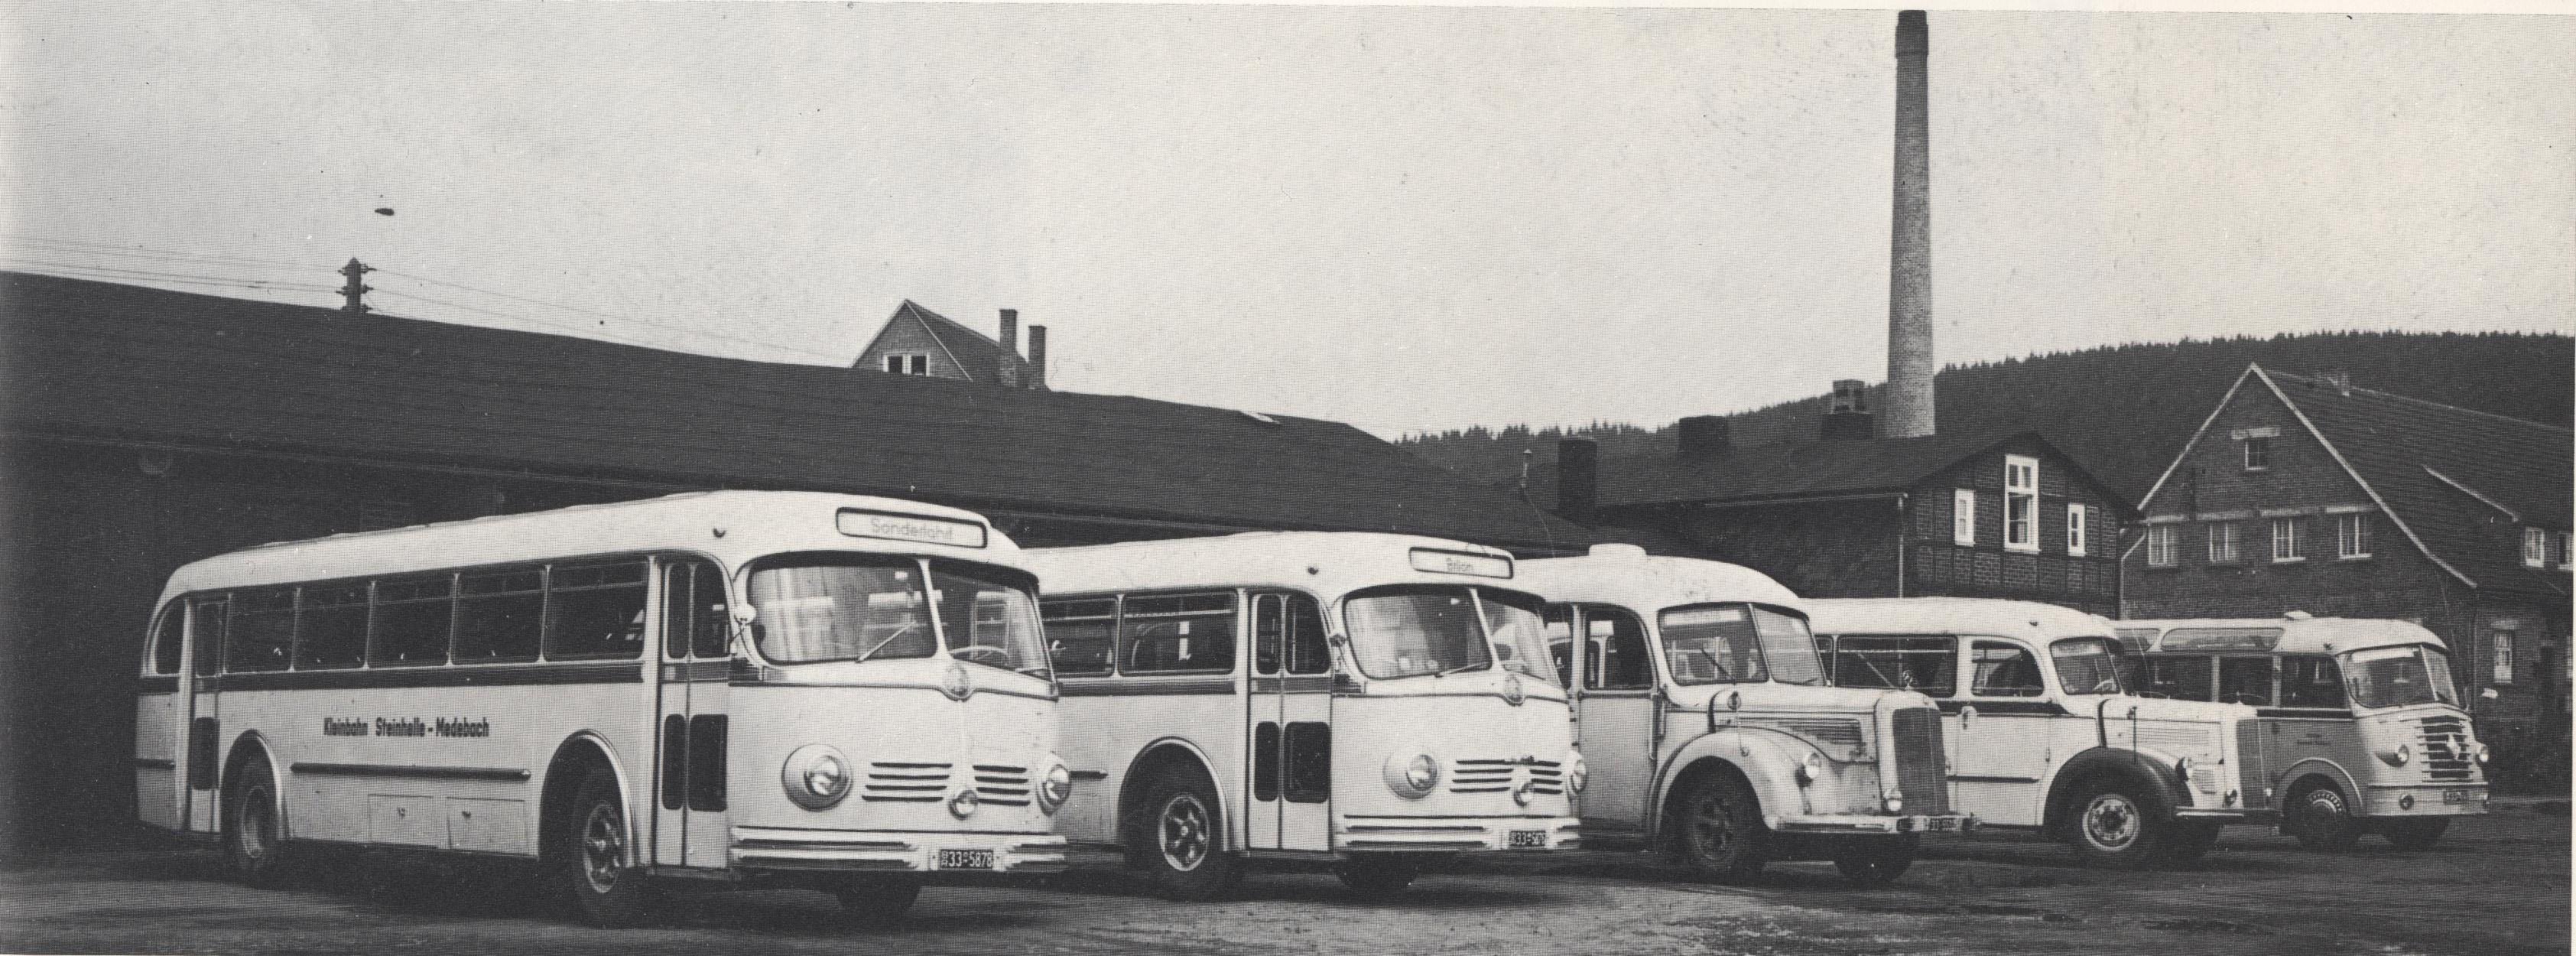 Busse von 1977